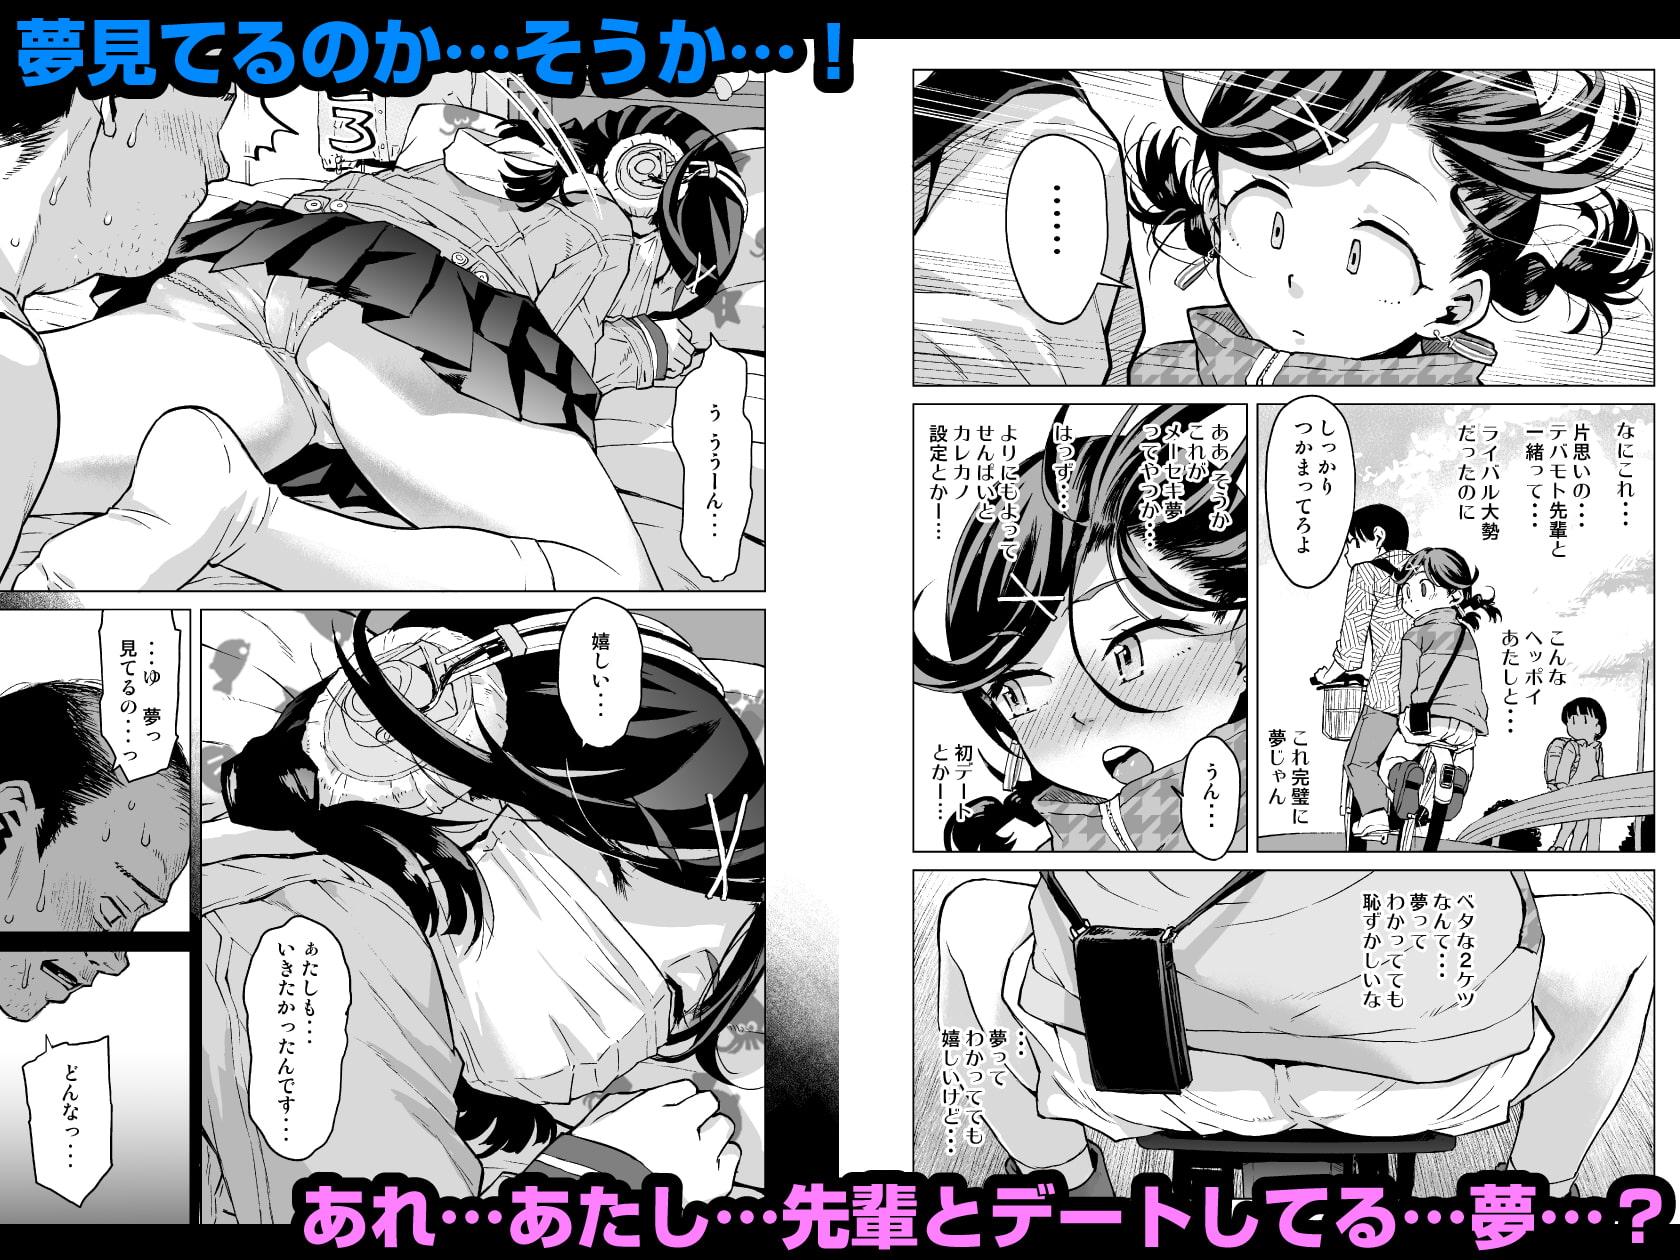 唯愛ちゃん夢アプリ睡姦のサンプル画像5